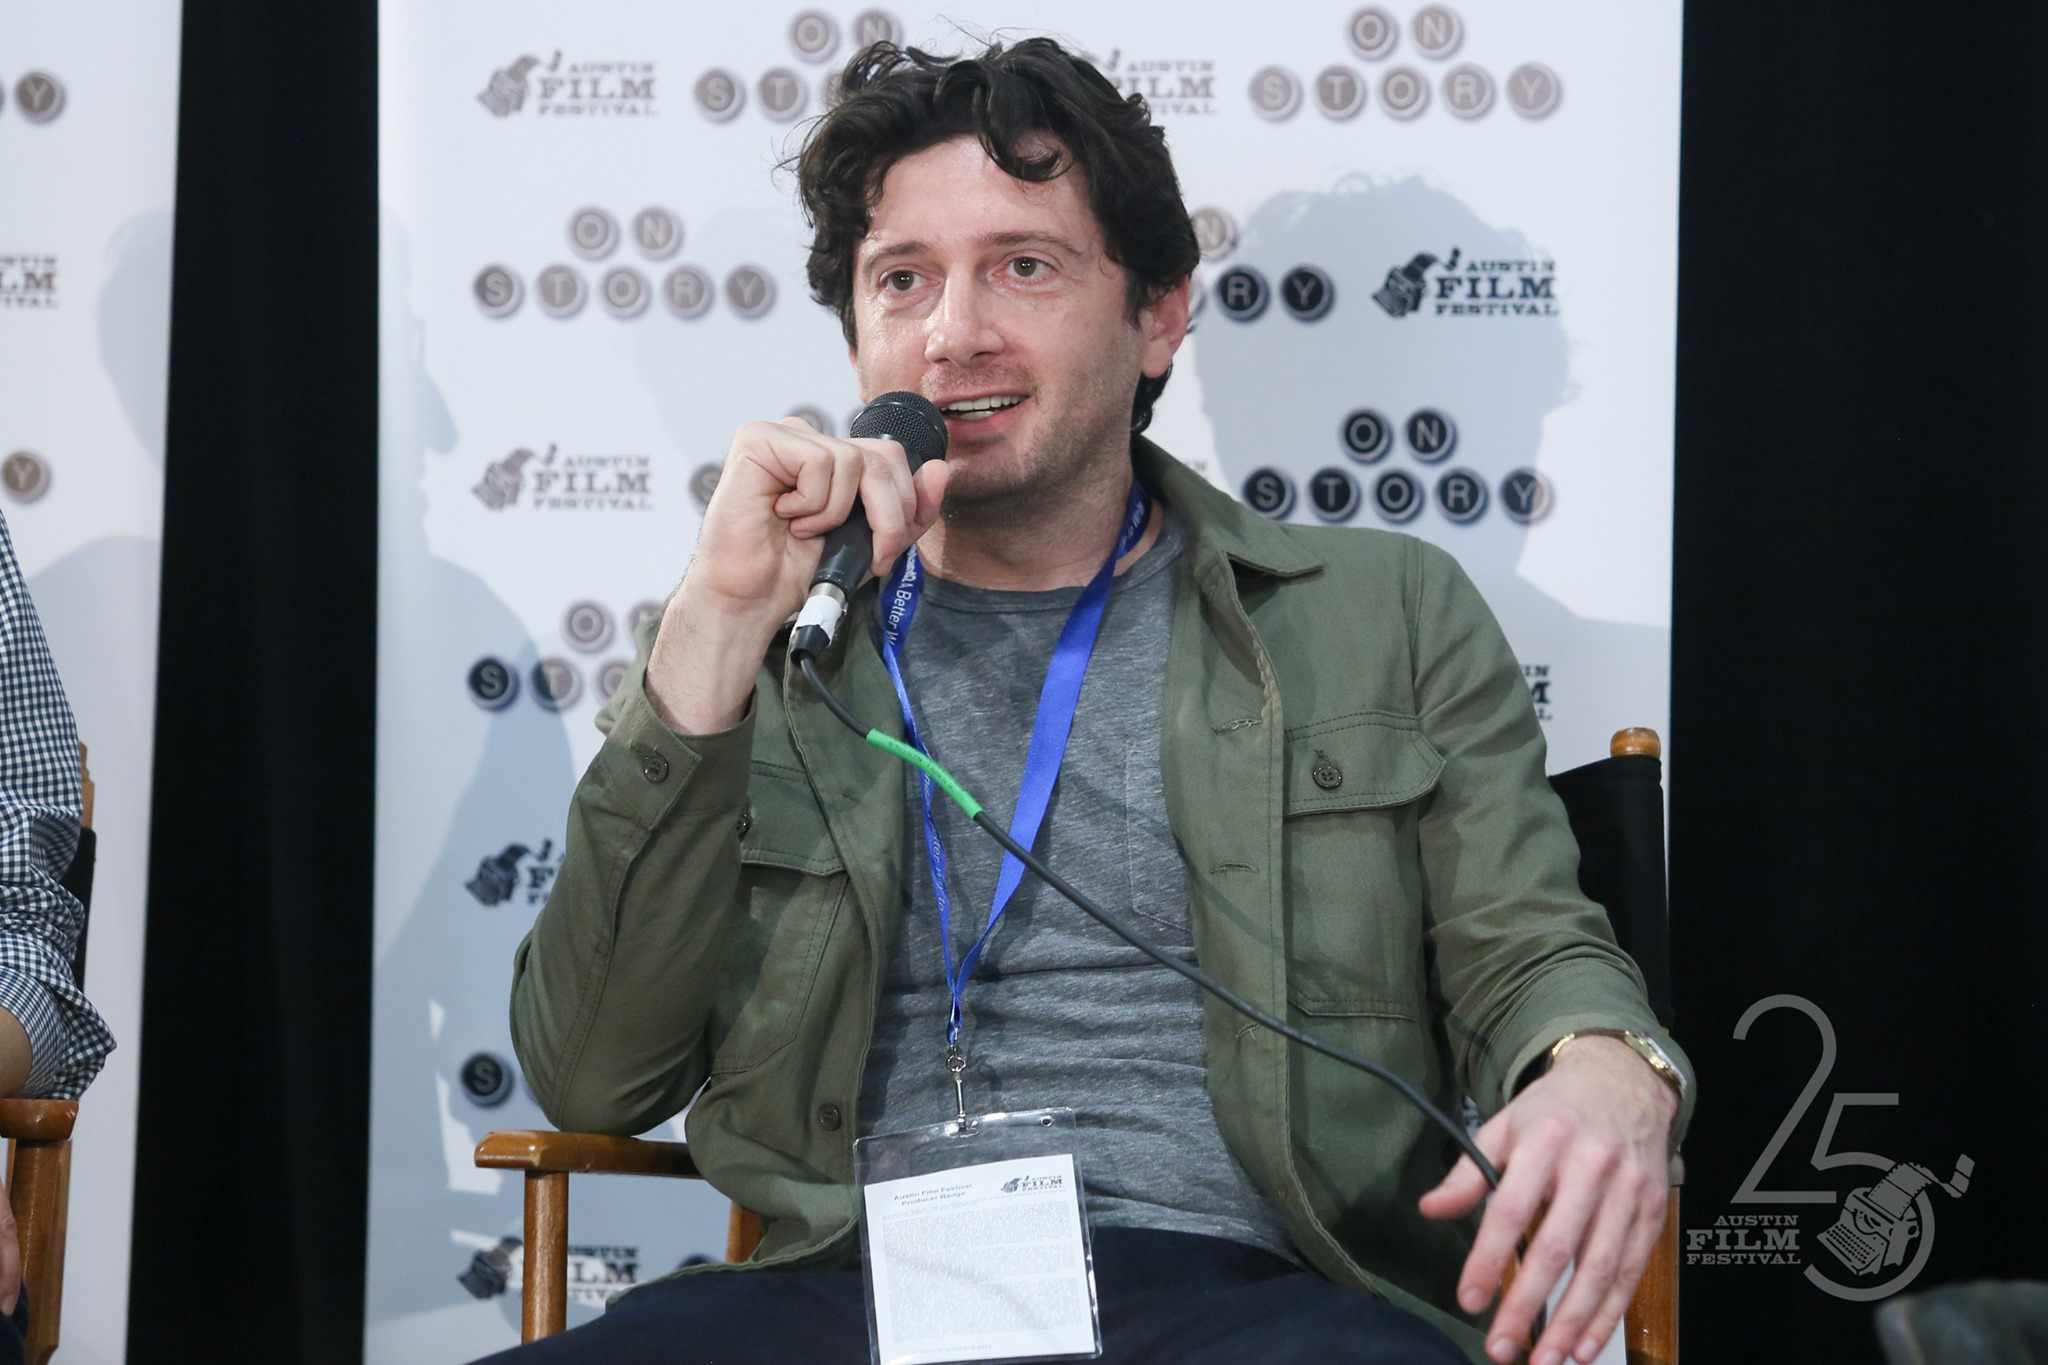 Gene Stupnitsky speaking on a panel at Austin Film Festival